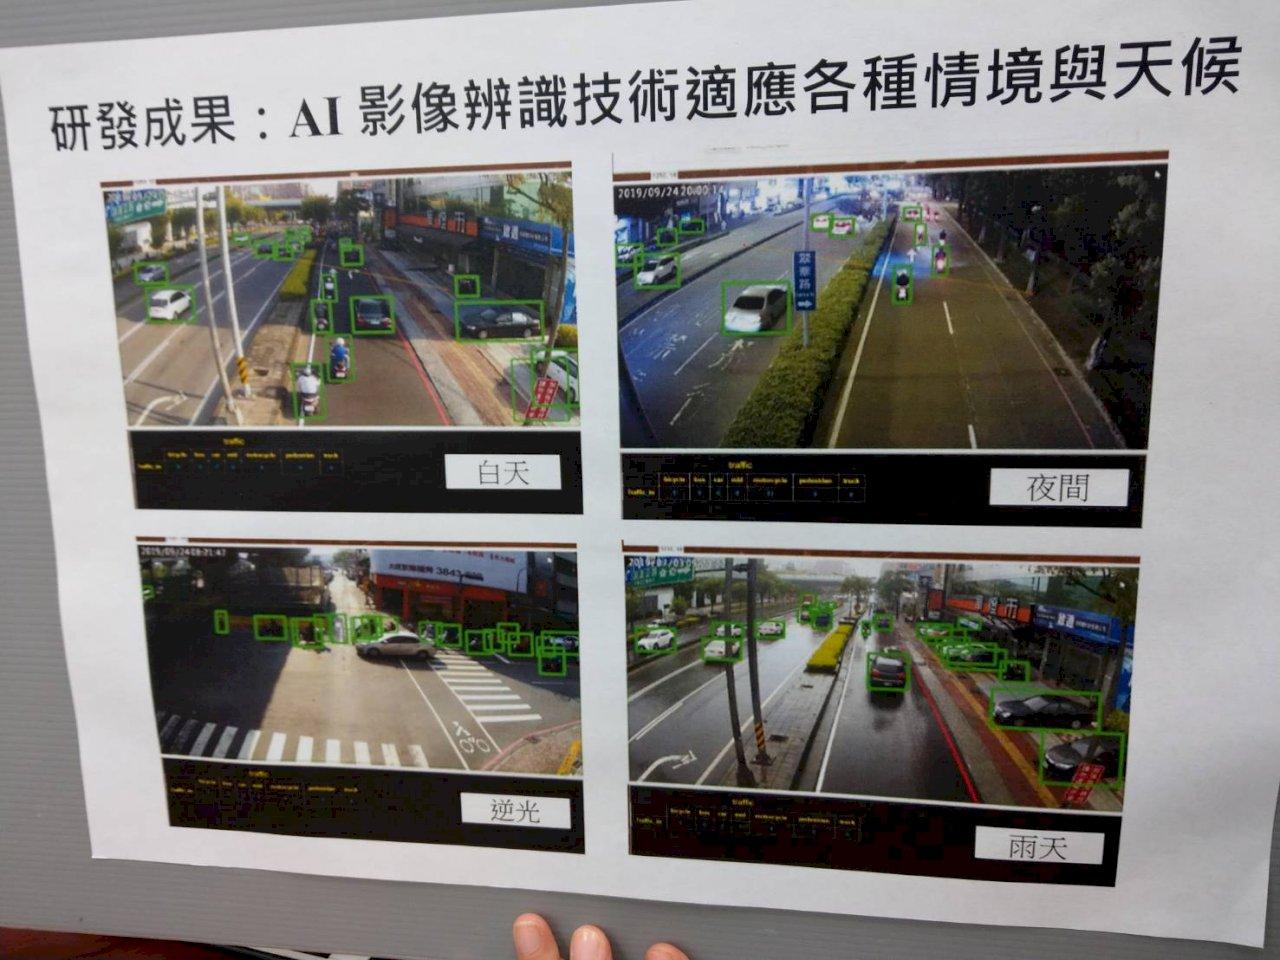 台灣交通科技再升級 AI影像辨識技術 吸引國際矚目